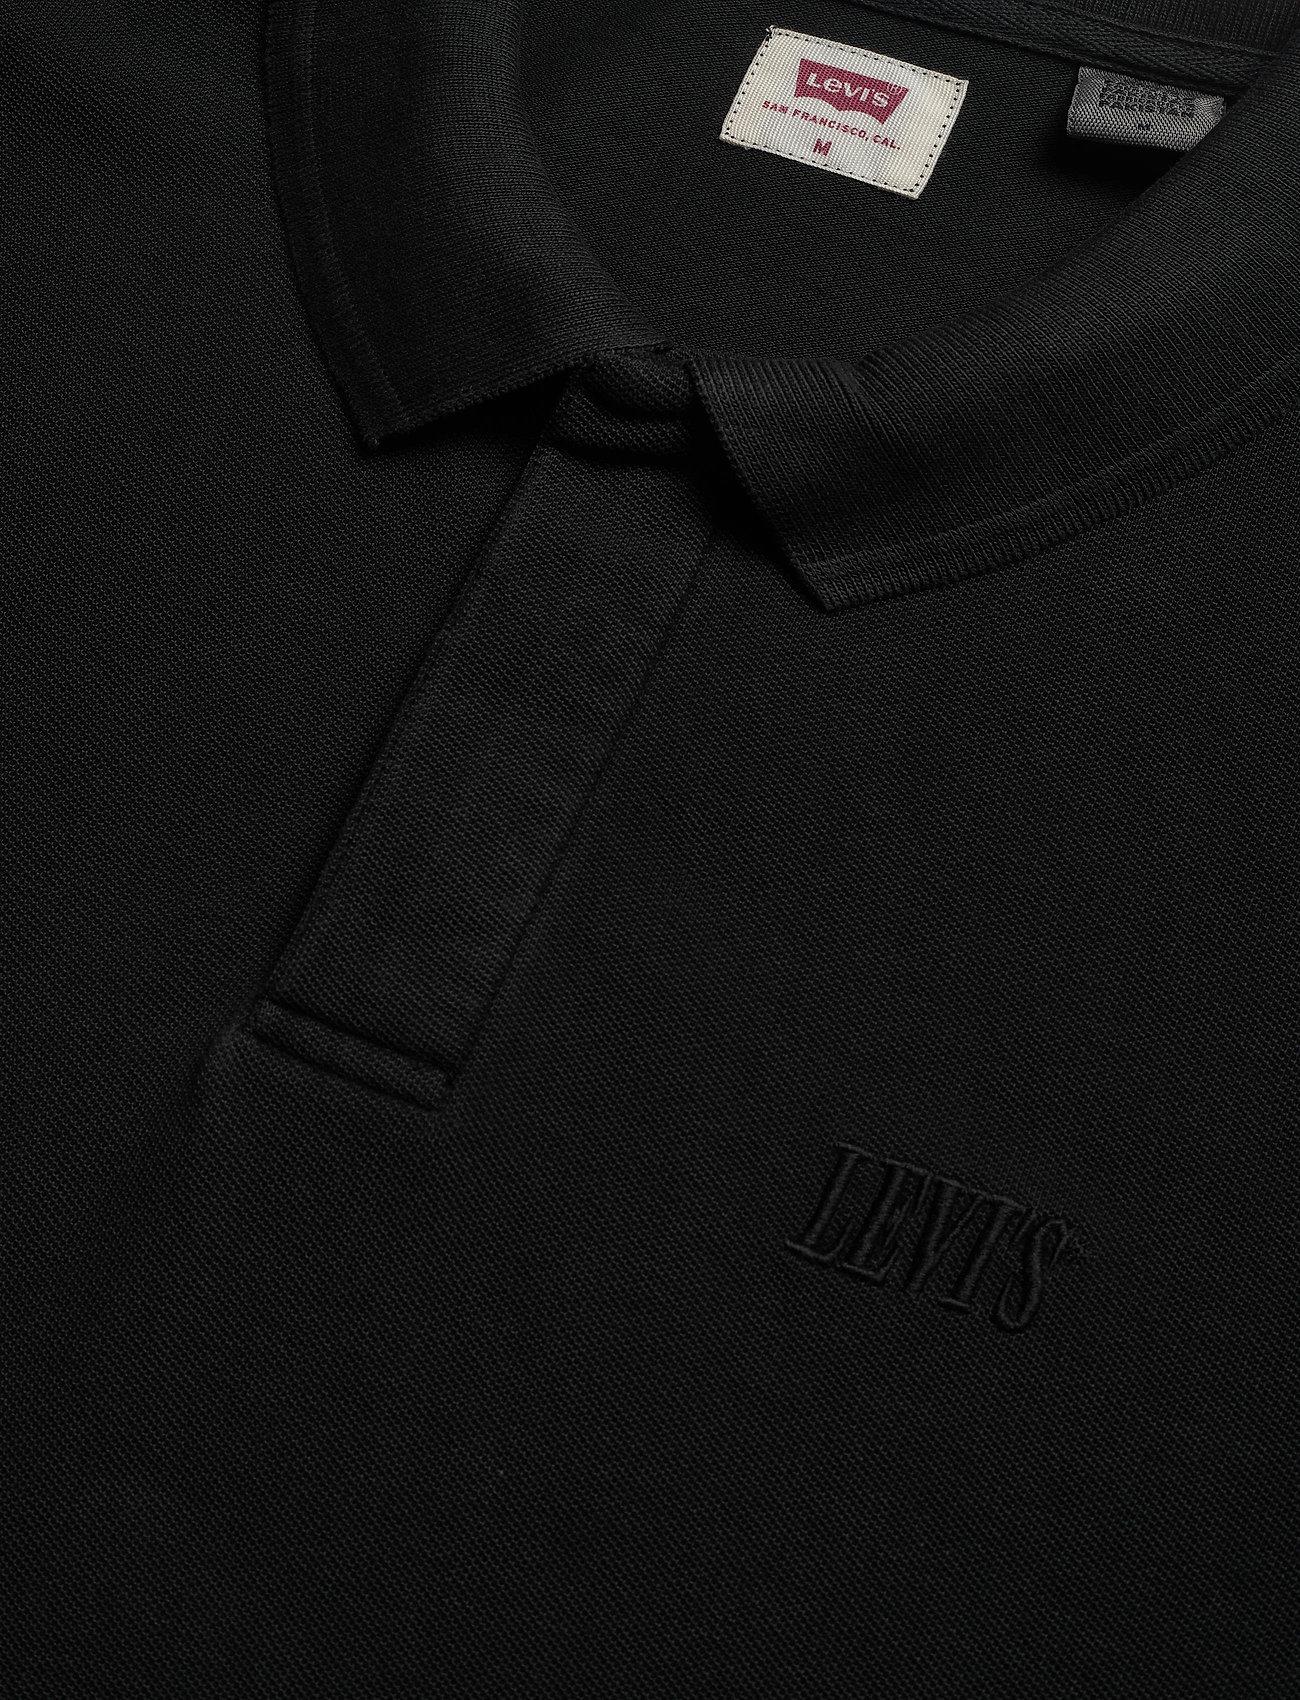 LEVI´S Men AUTHENTIC LOGO POLO SERIF GARM - Poloskjorter BLACKS - Menn Klær